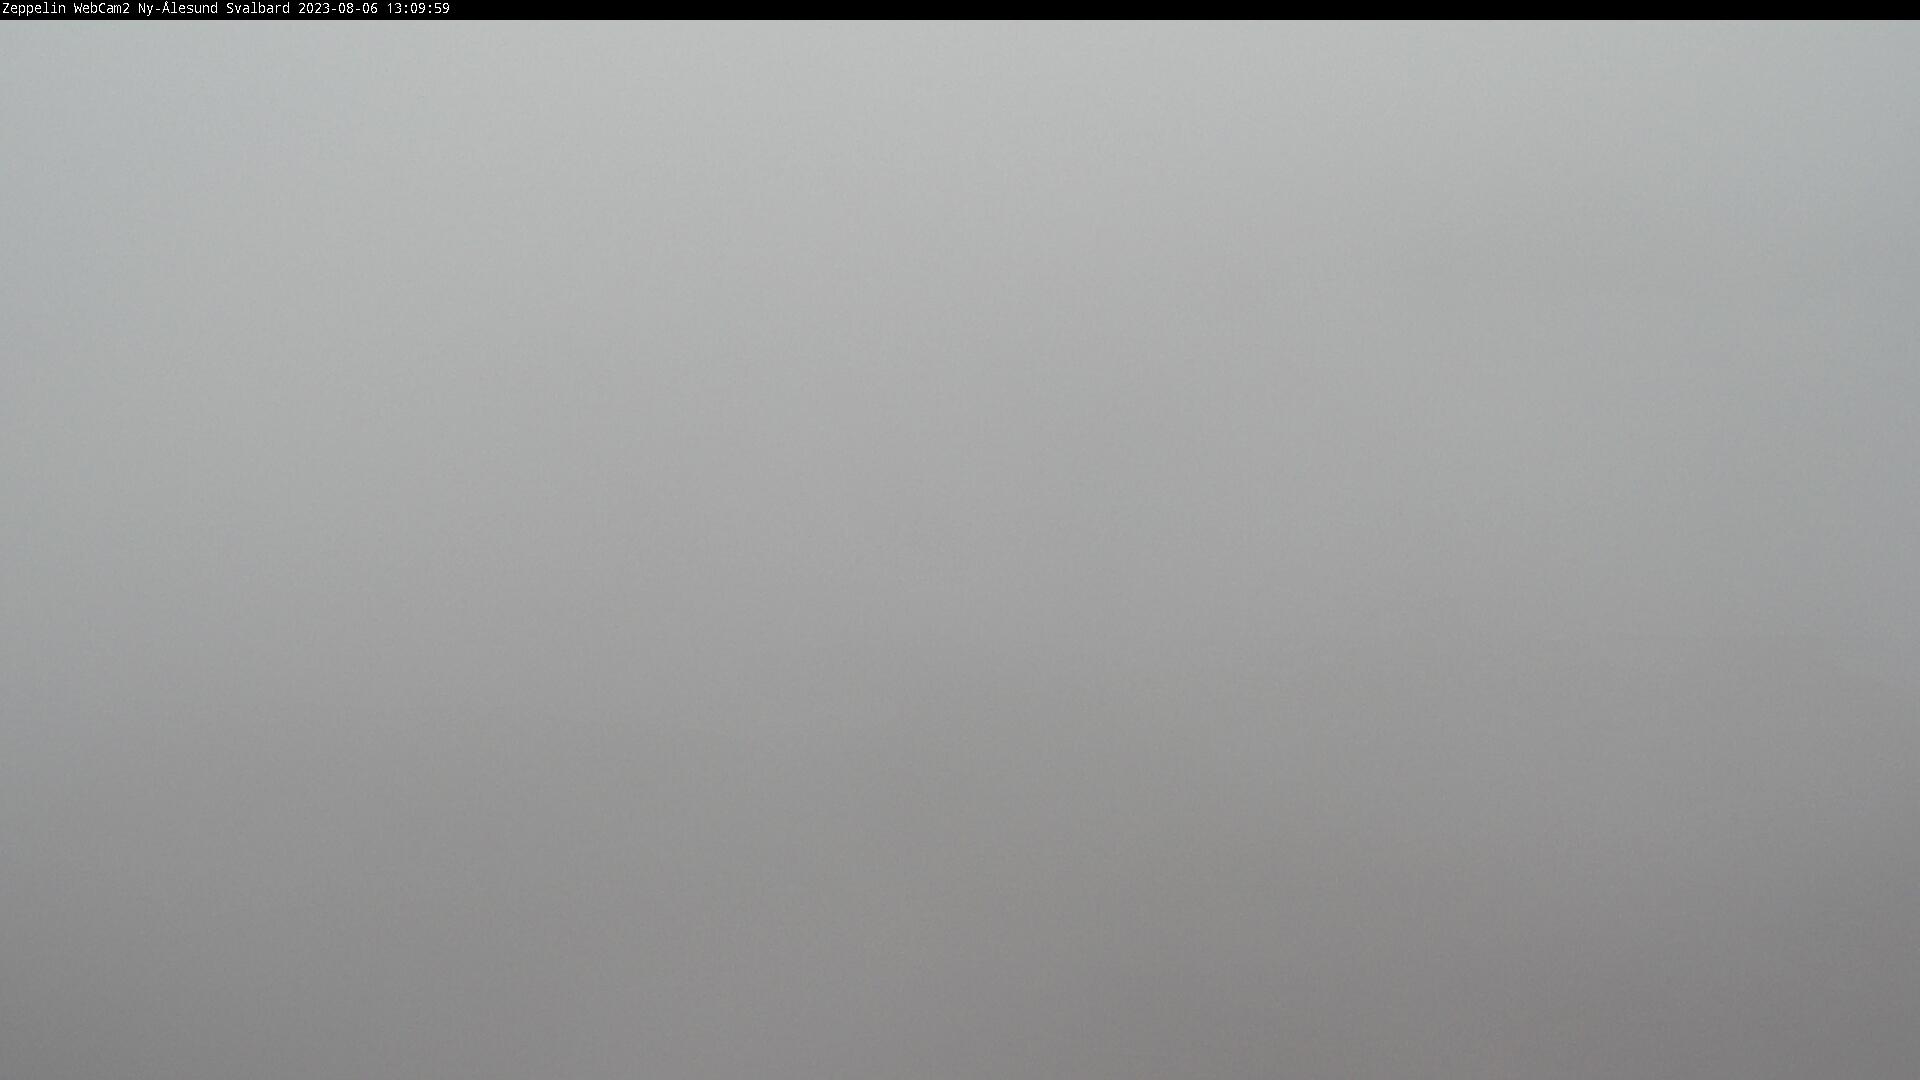 Антарктическая станция Ню-Олесунн